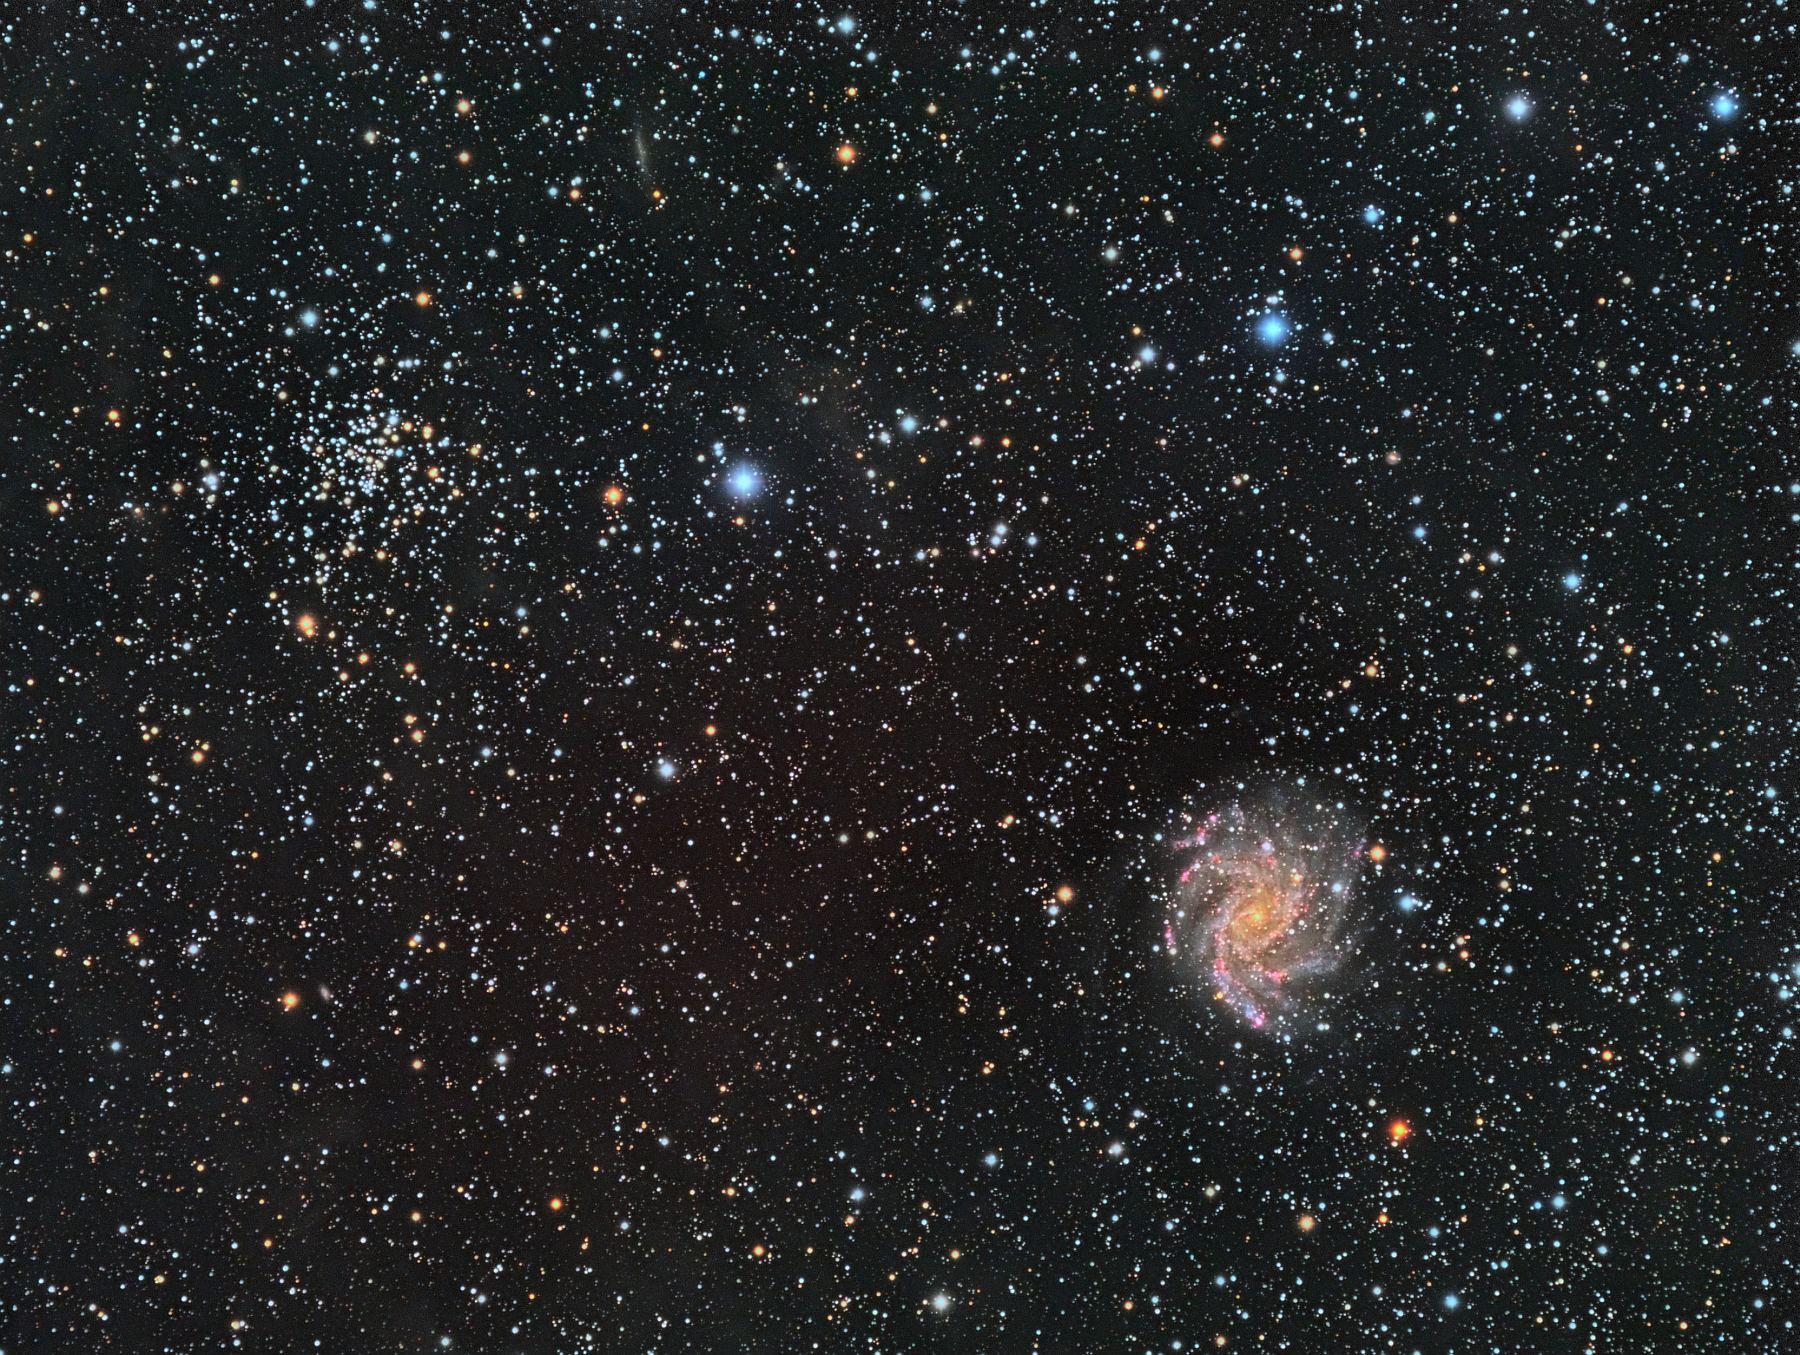 NGC 6946 - спиральная галактика с перемычкой, левее и выше видно рассеянное звездное скопление NGC 6939